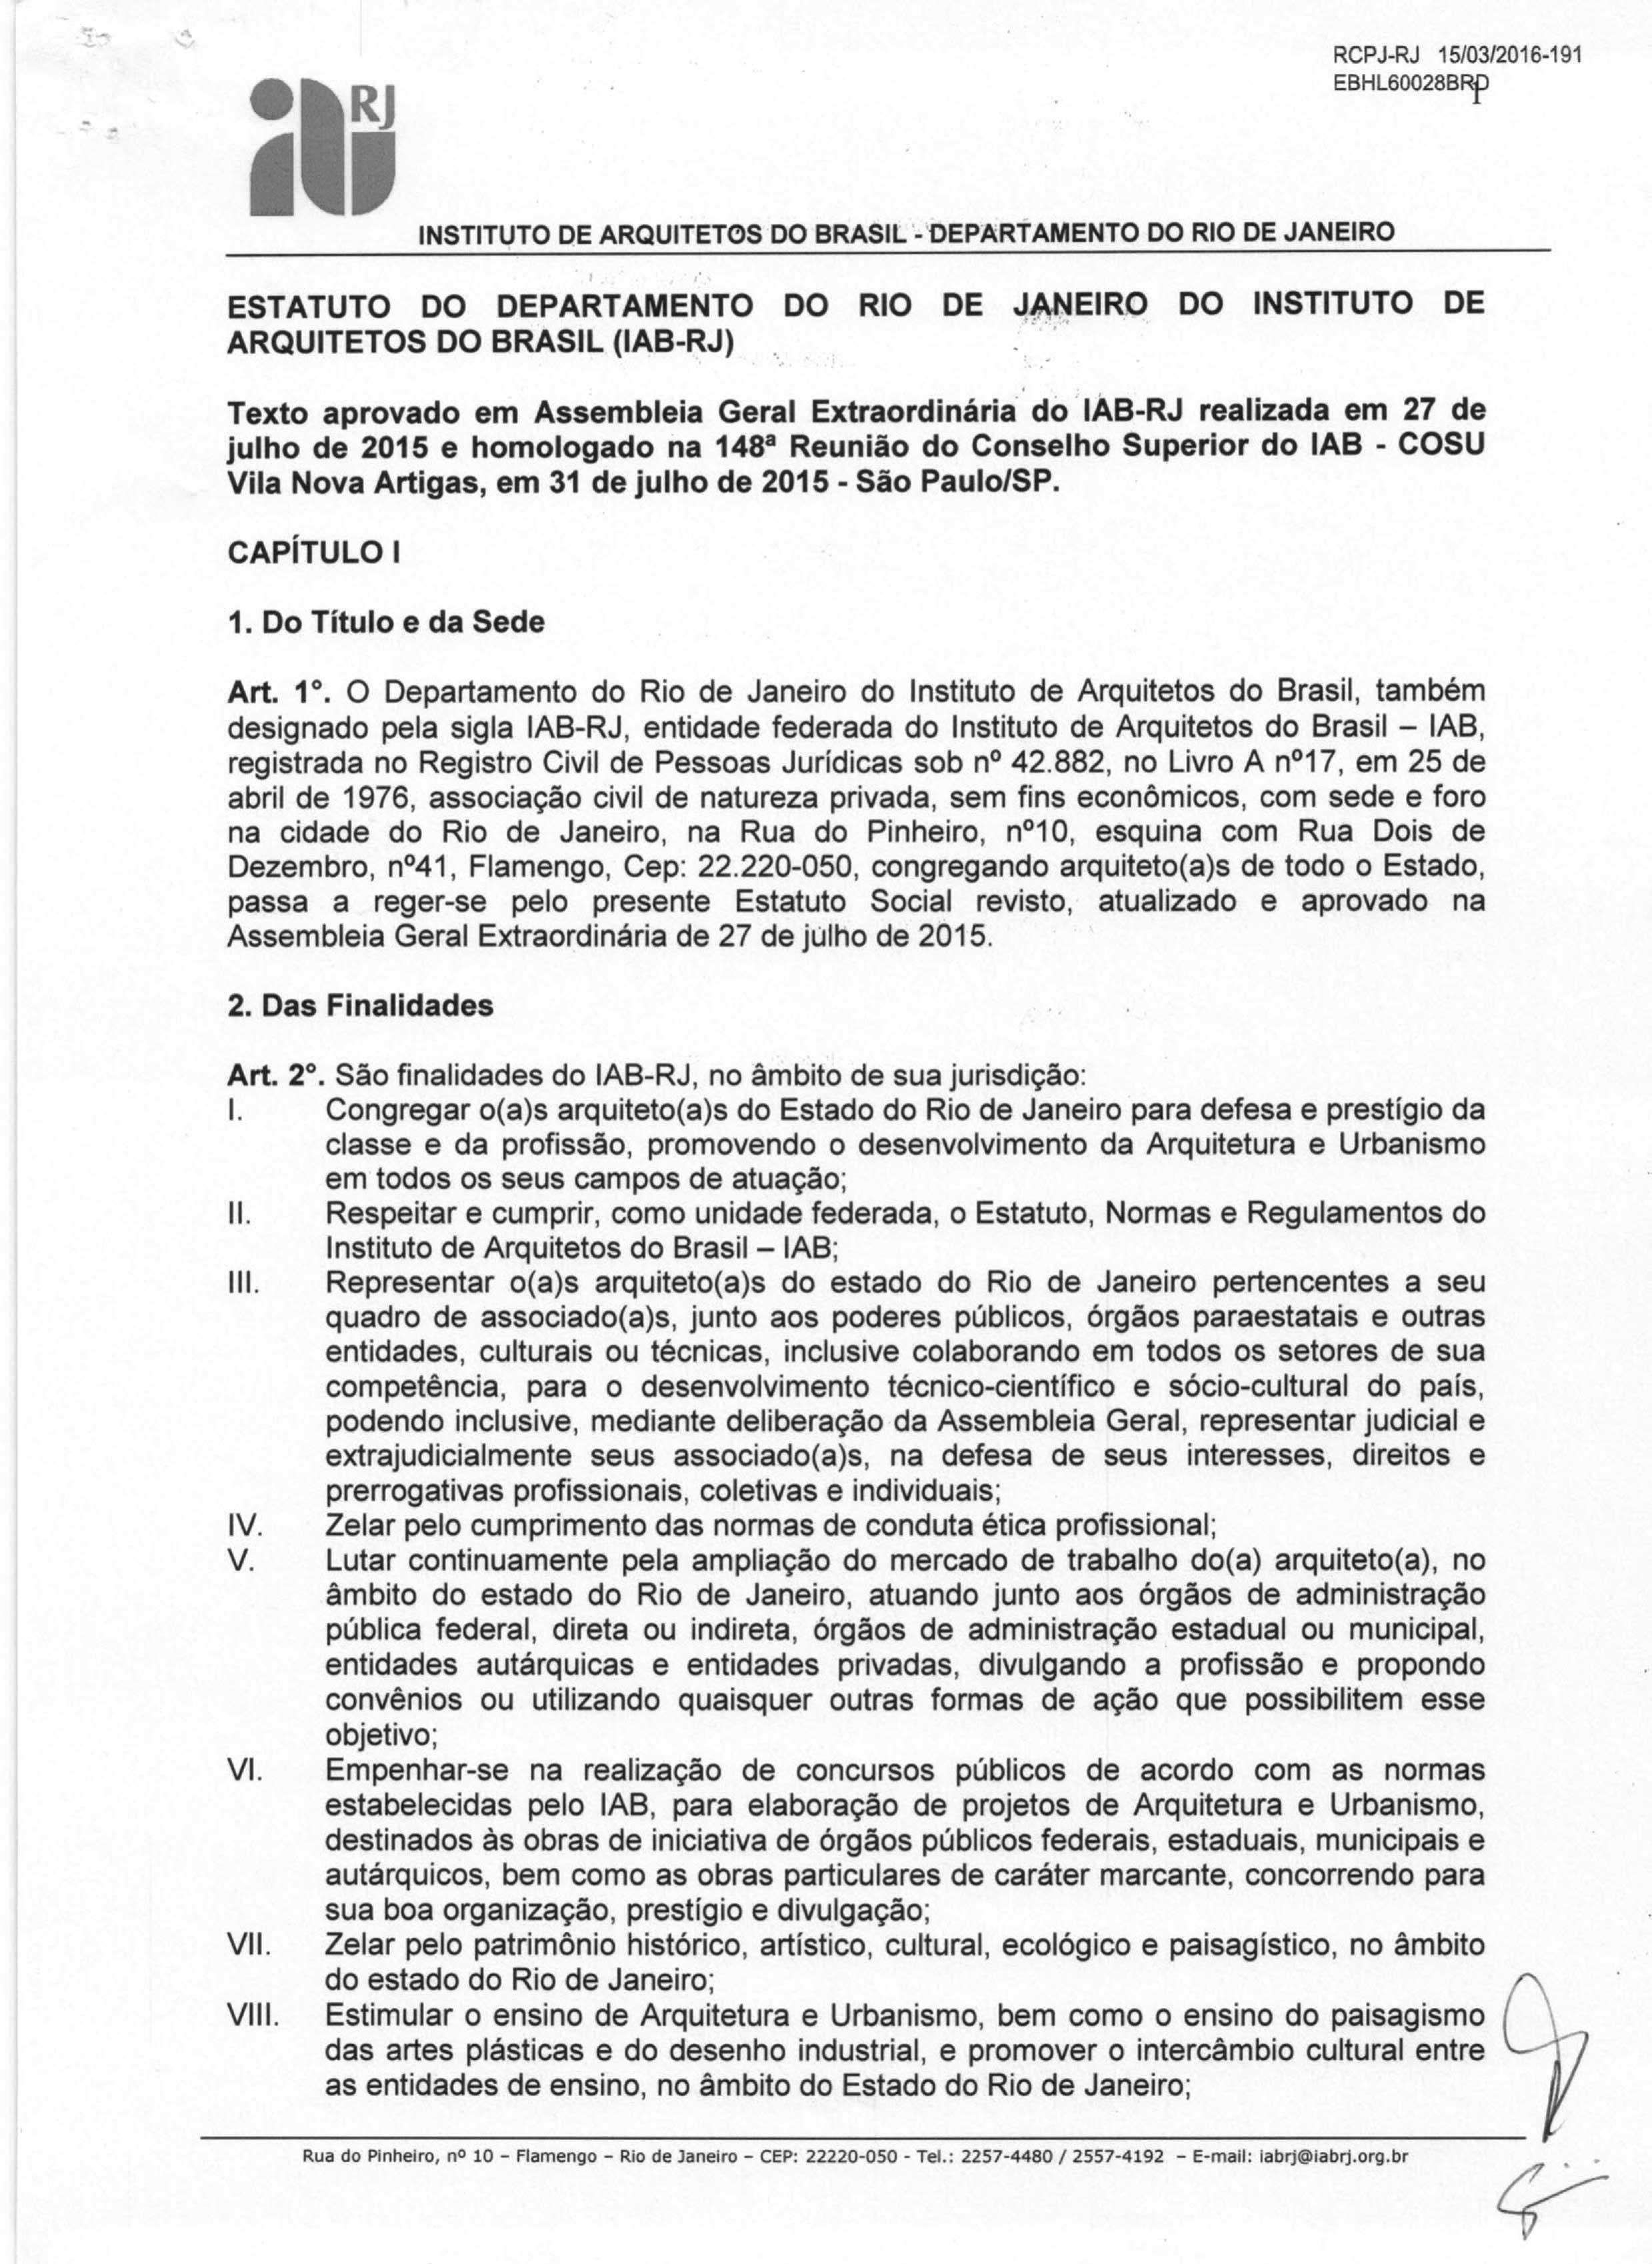 Estatuto_IABRJ_Registrado2016-1-10